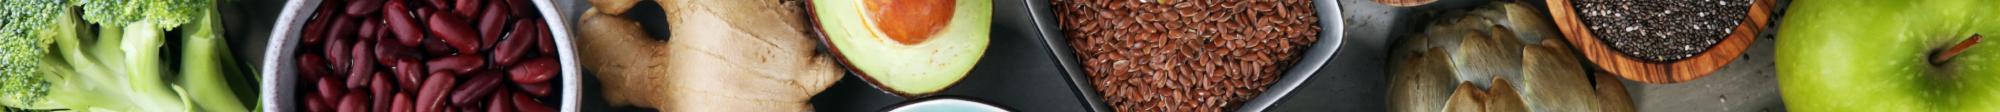 Comprar  productos Algas | Mixtura Gourmet